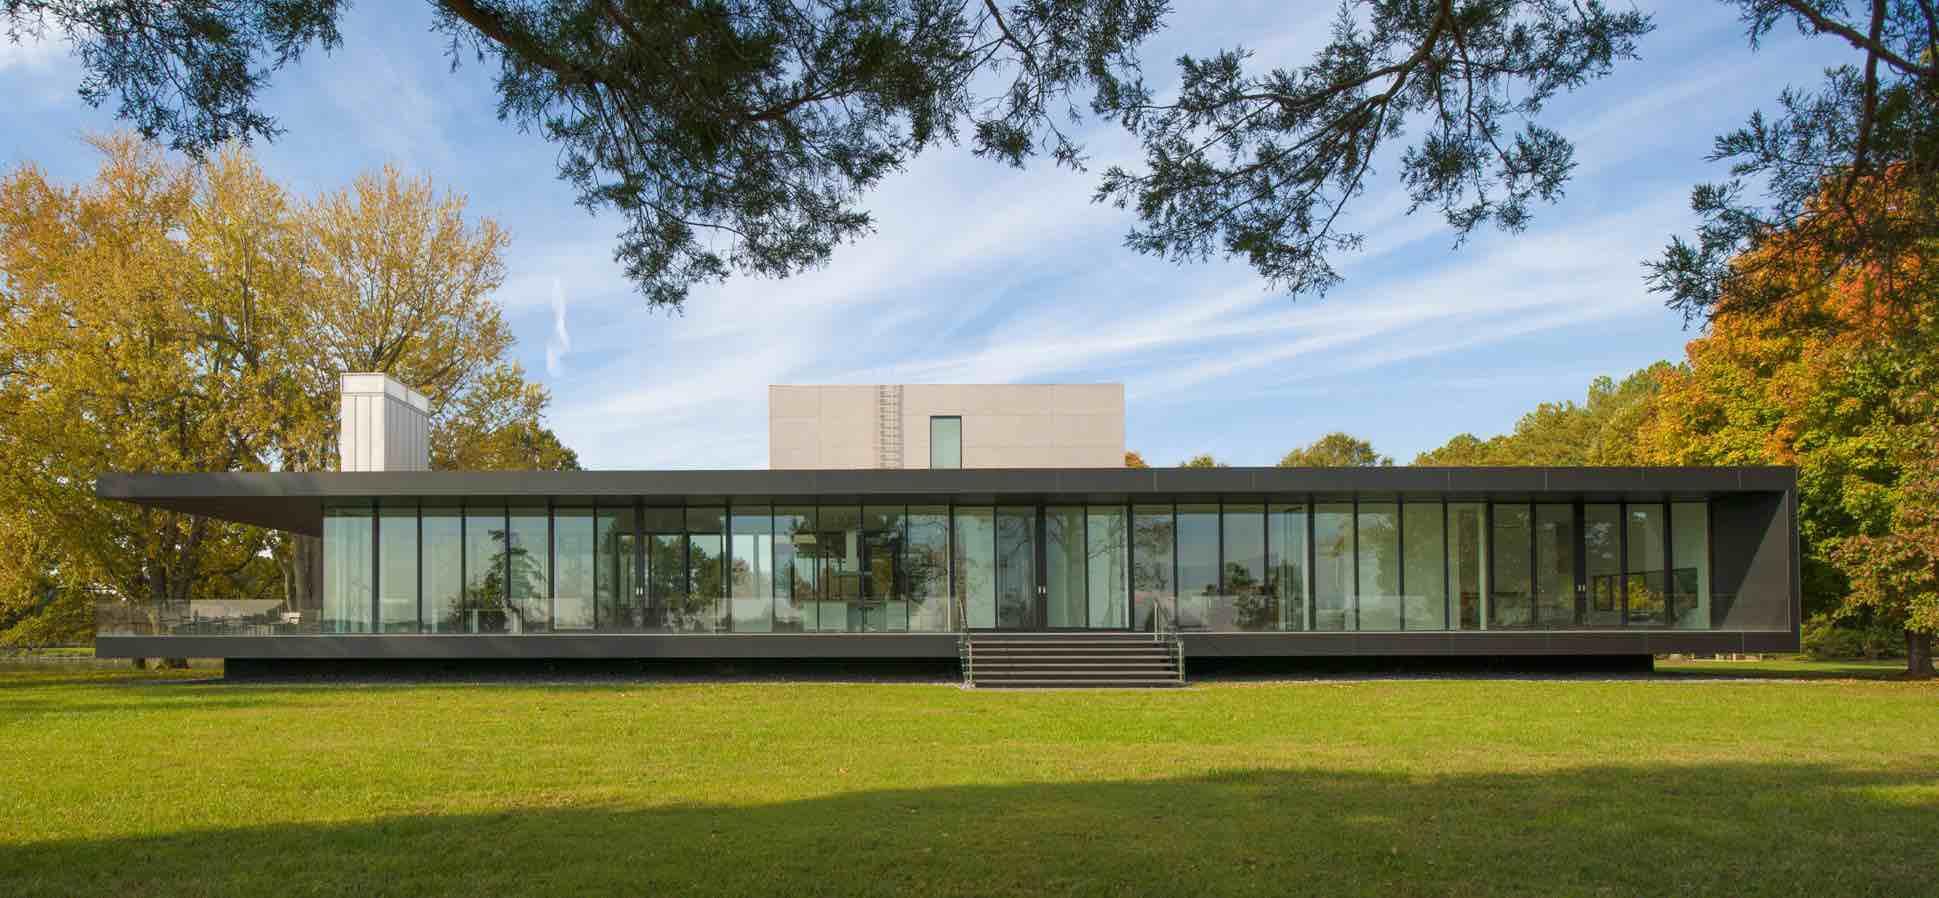 tred-avon-river-house-robert-m-gurney-architect_mackenzie-gurney-guttmanresidence-2